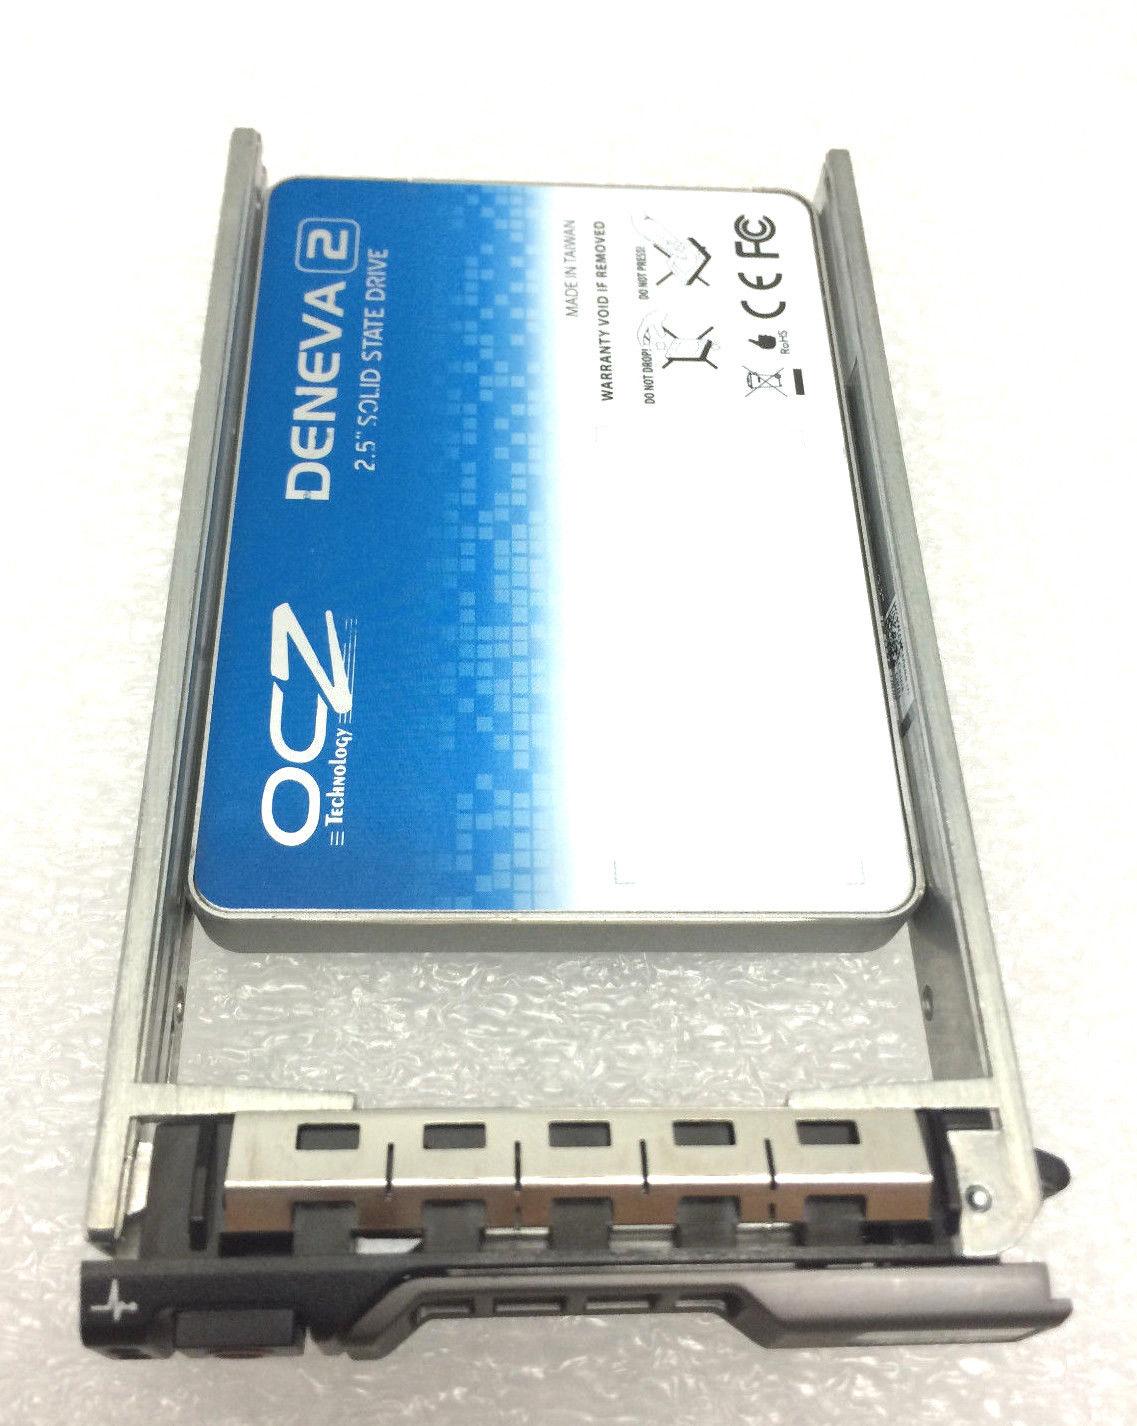 Ocz Deneva 100GB SATA  2.5'' Solid State Drive w/ Tray SSD (D2RSTK251M11-0100)